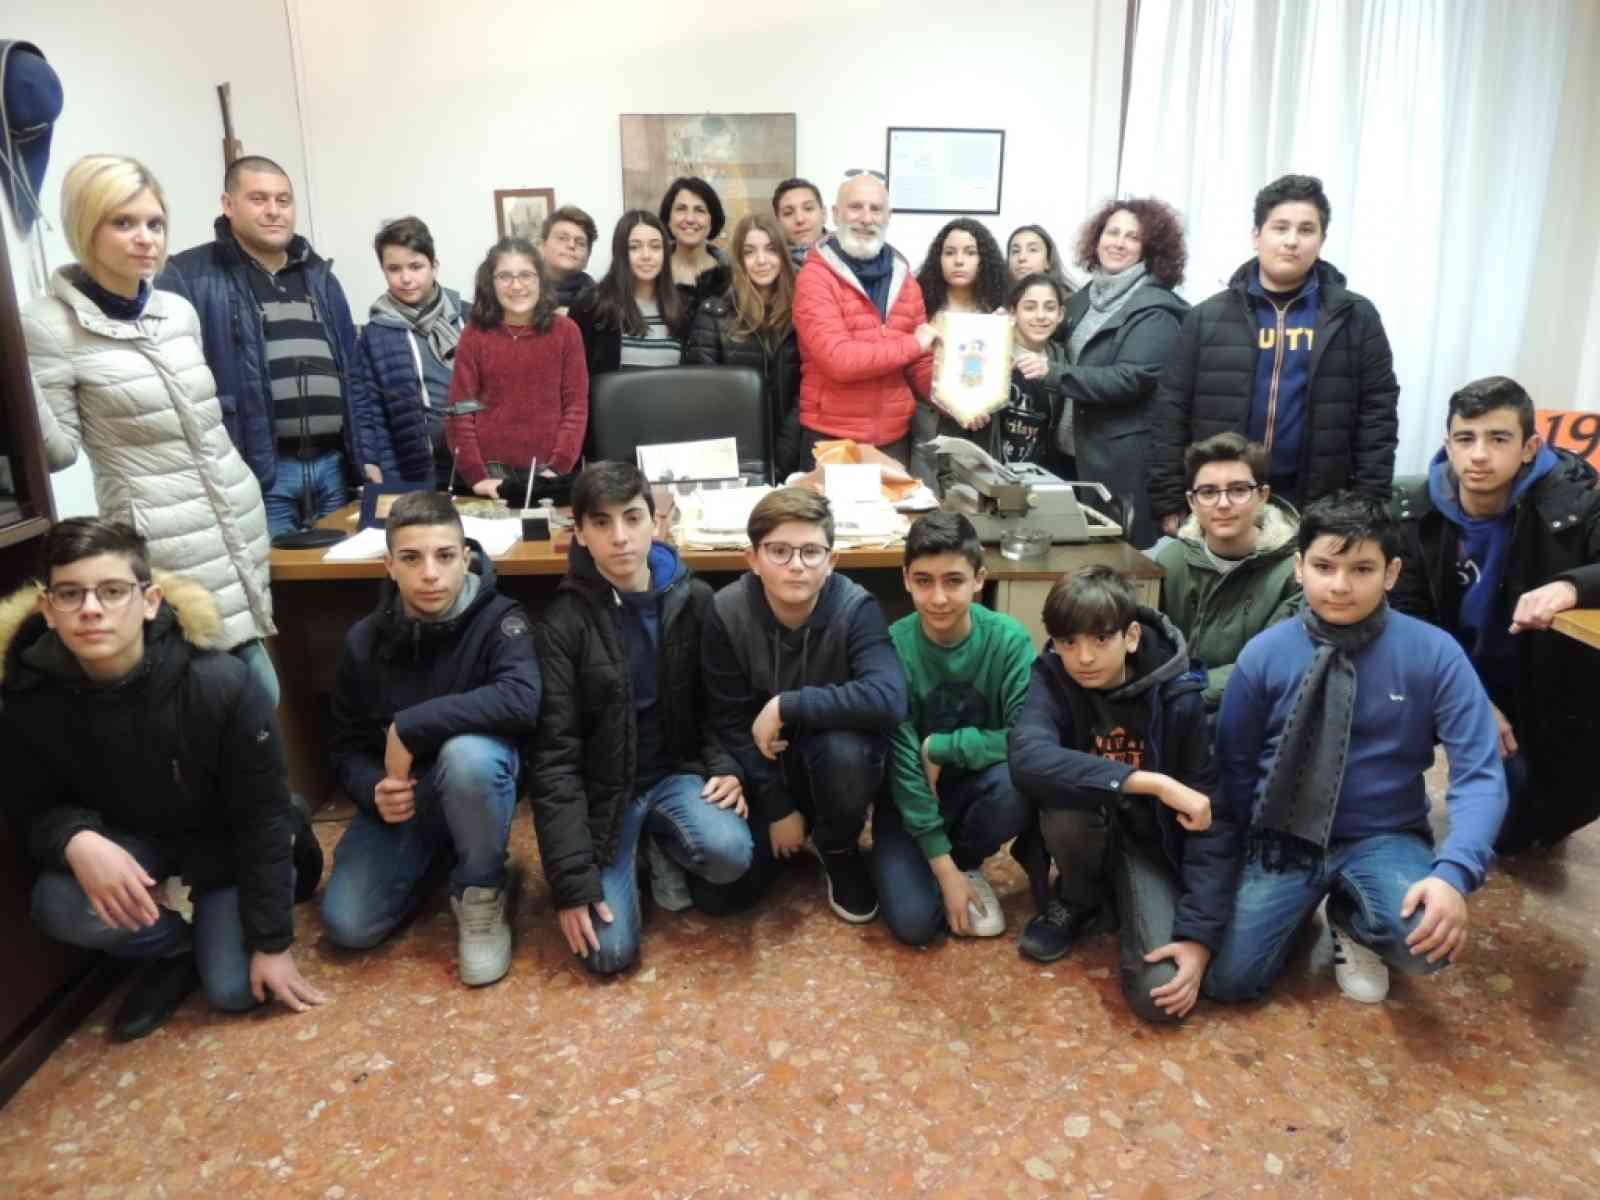 Immagine articolo: Poggioreale, alunni in visita agli uffici di Falcone e Borsellino